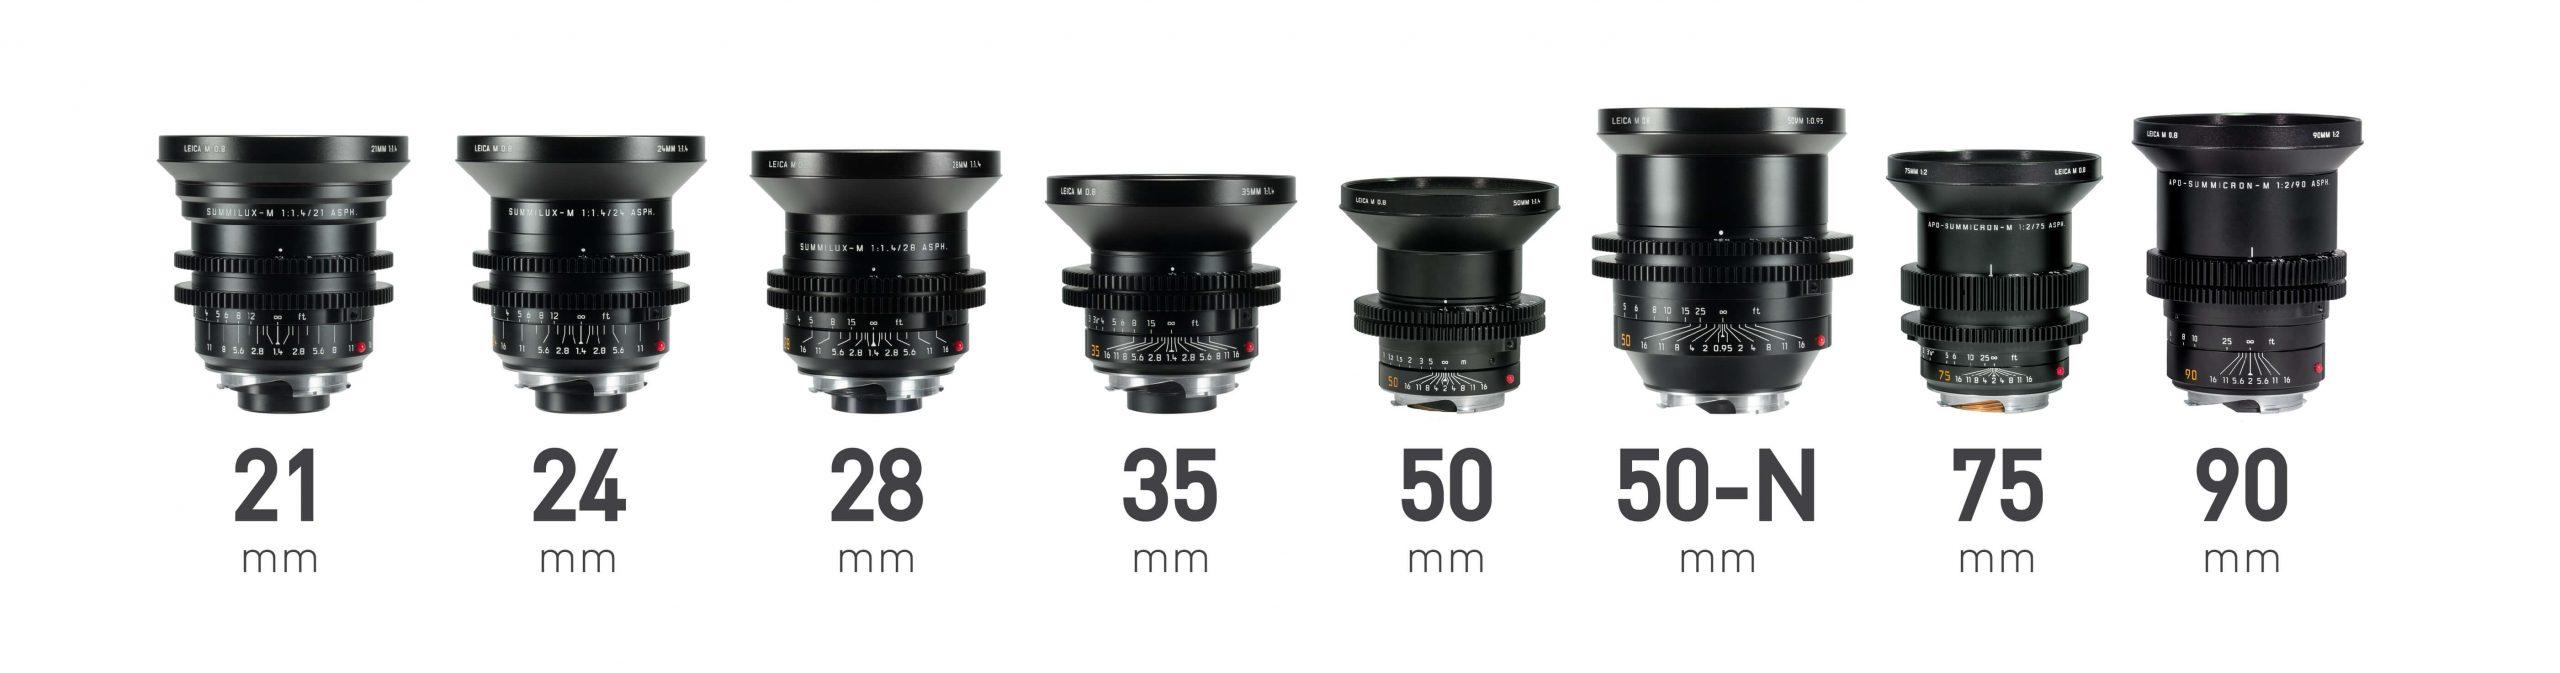 Leica M 0.8 full frame lenses